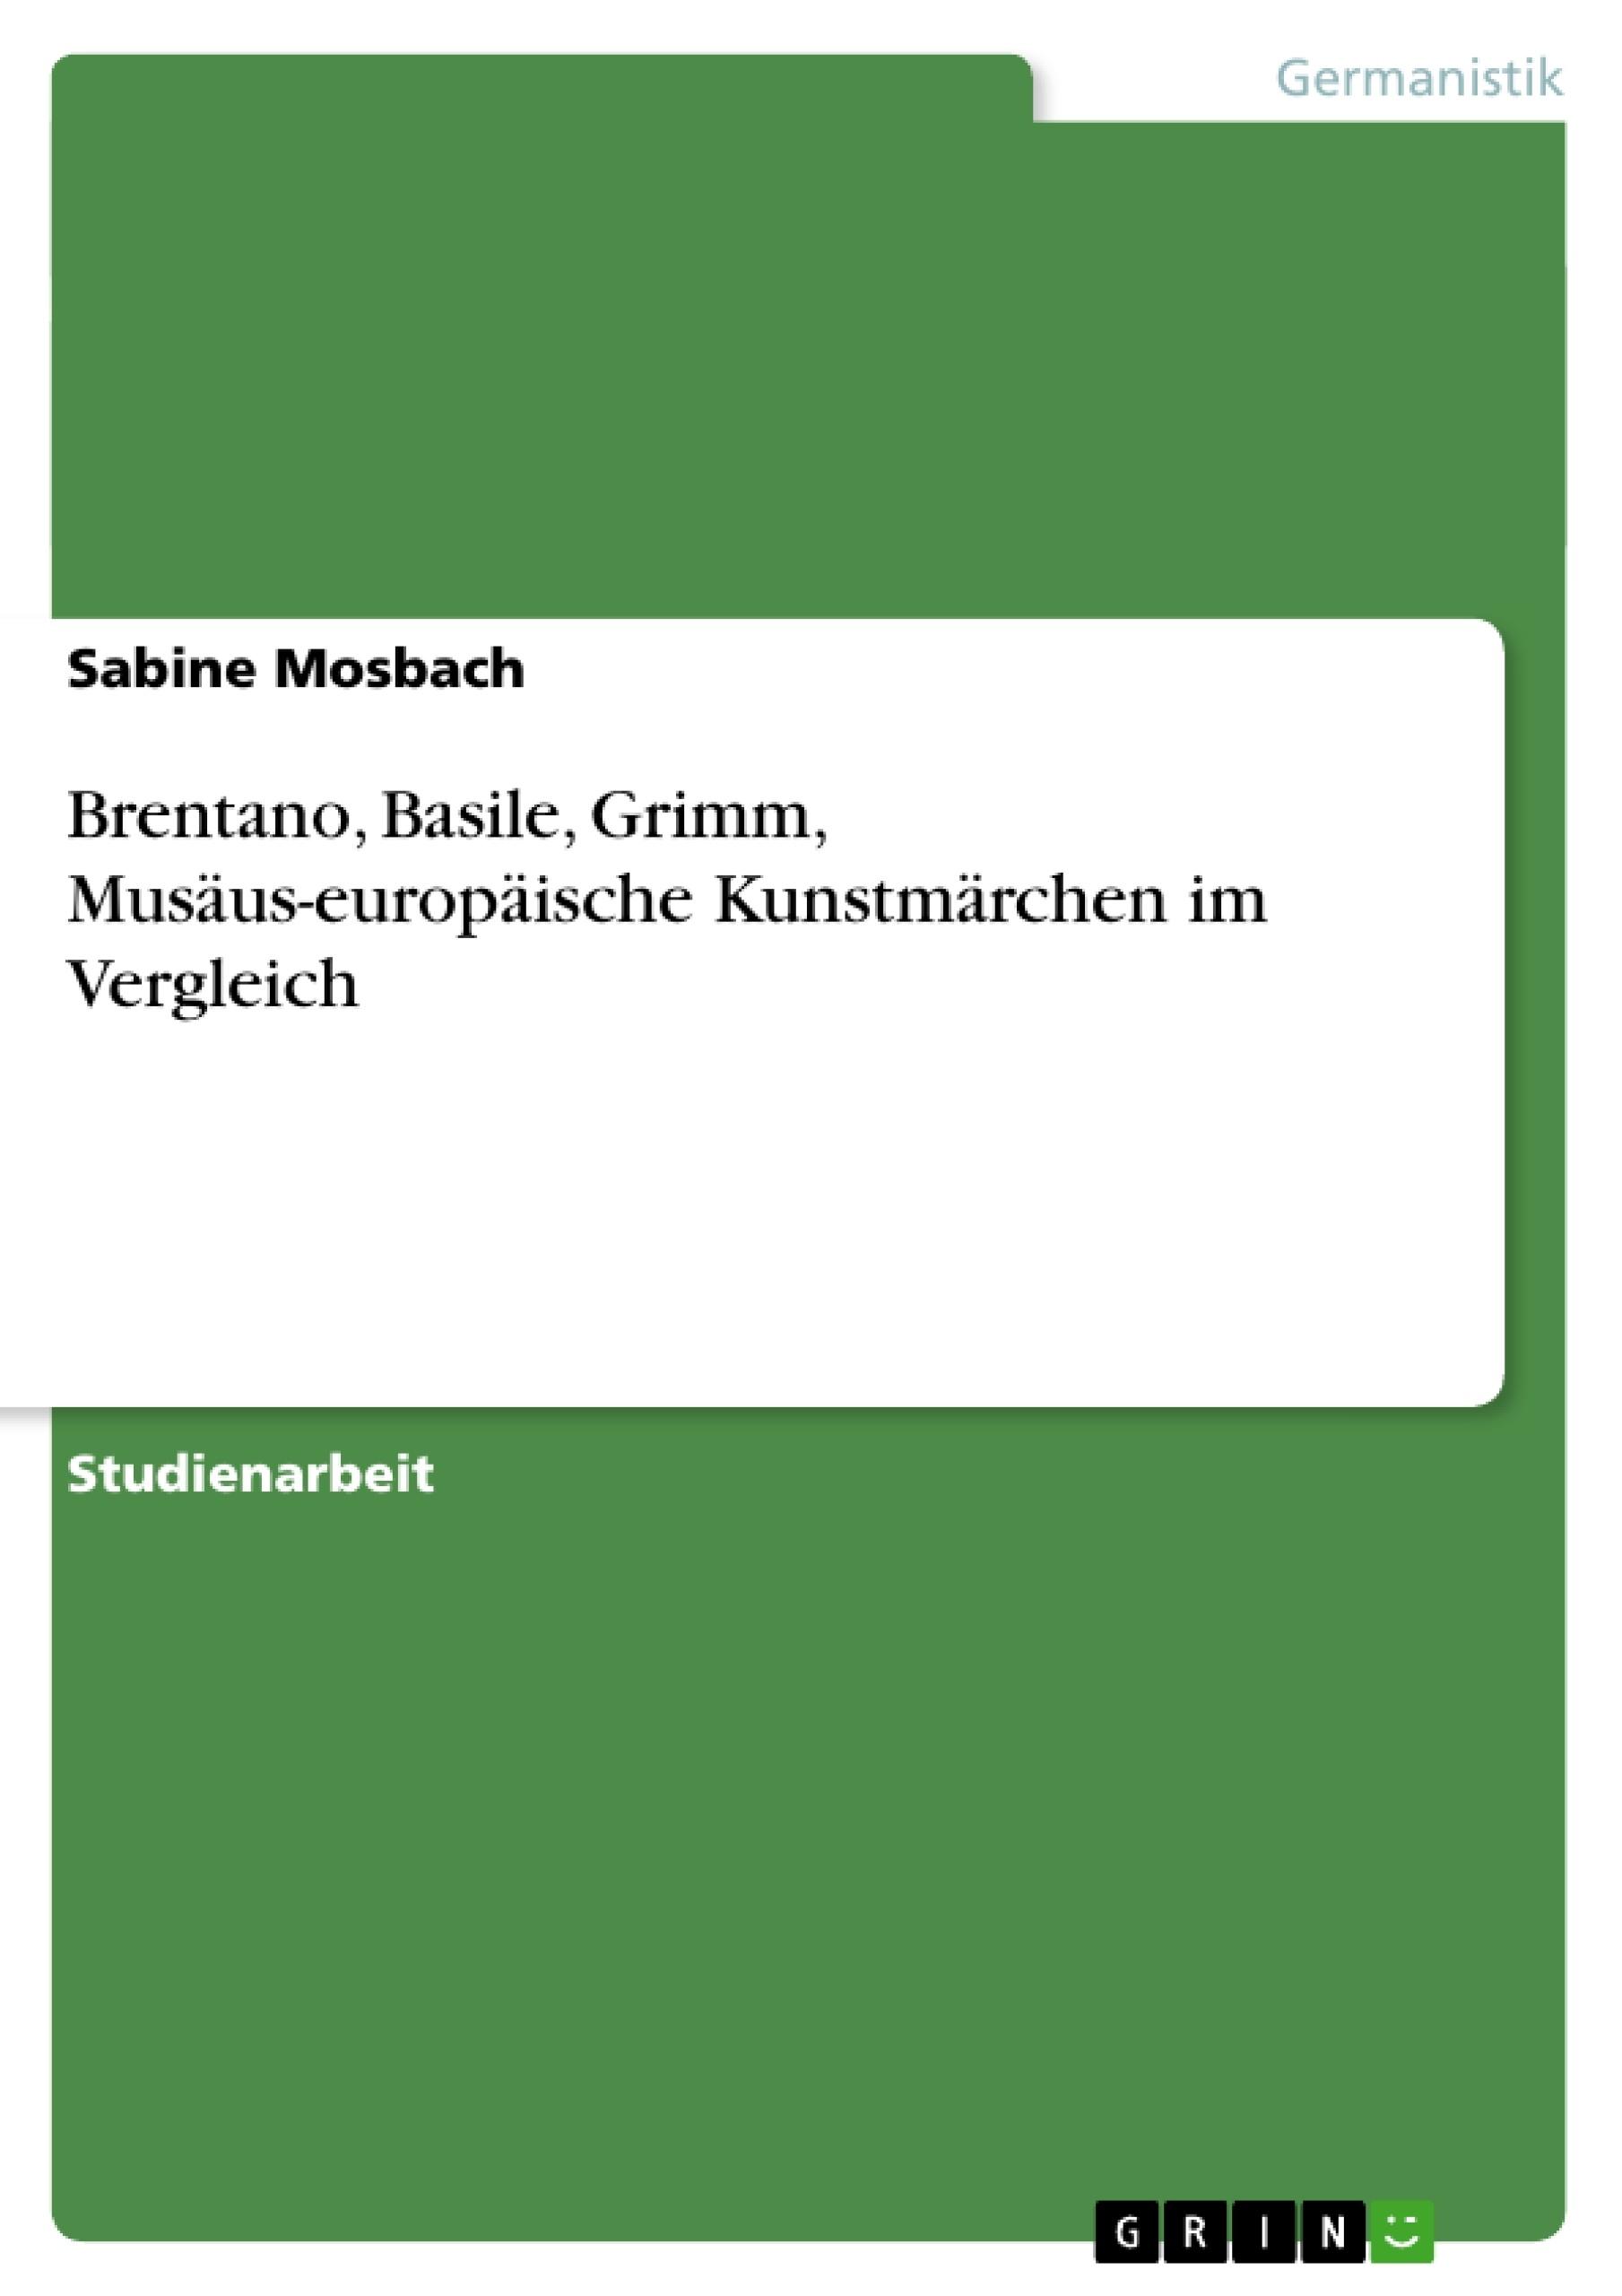 Titel: Brentano, Basile, Grimm, Musäus-europäische Kunstmärchen im Vergleich